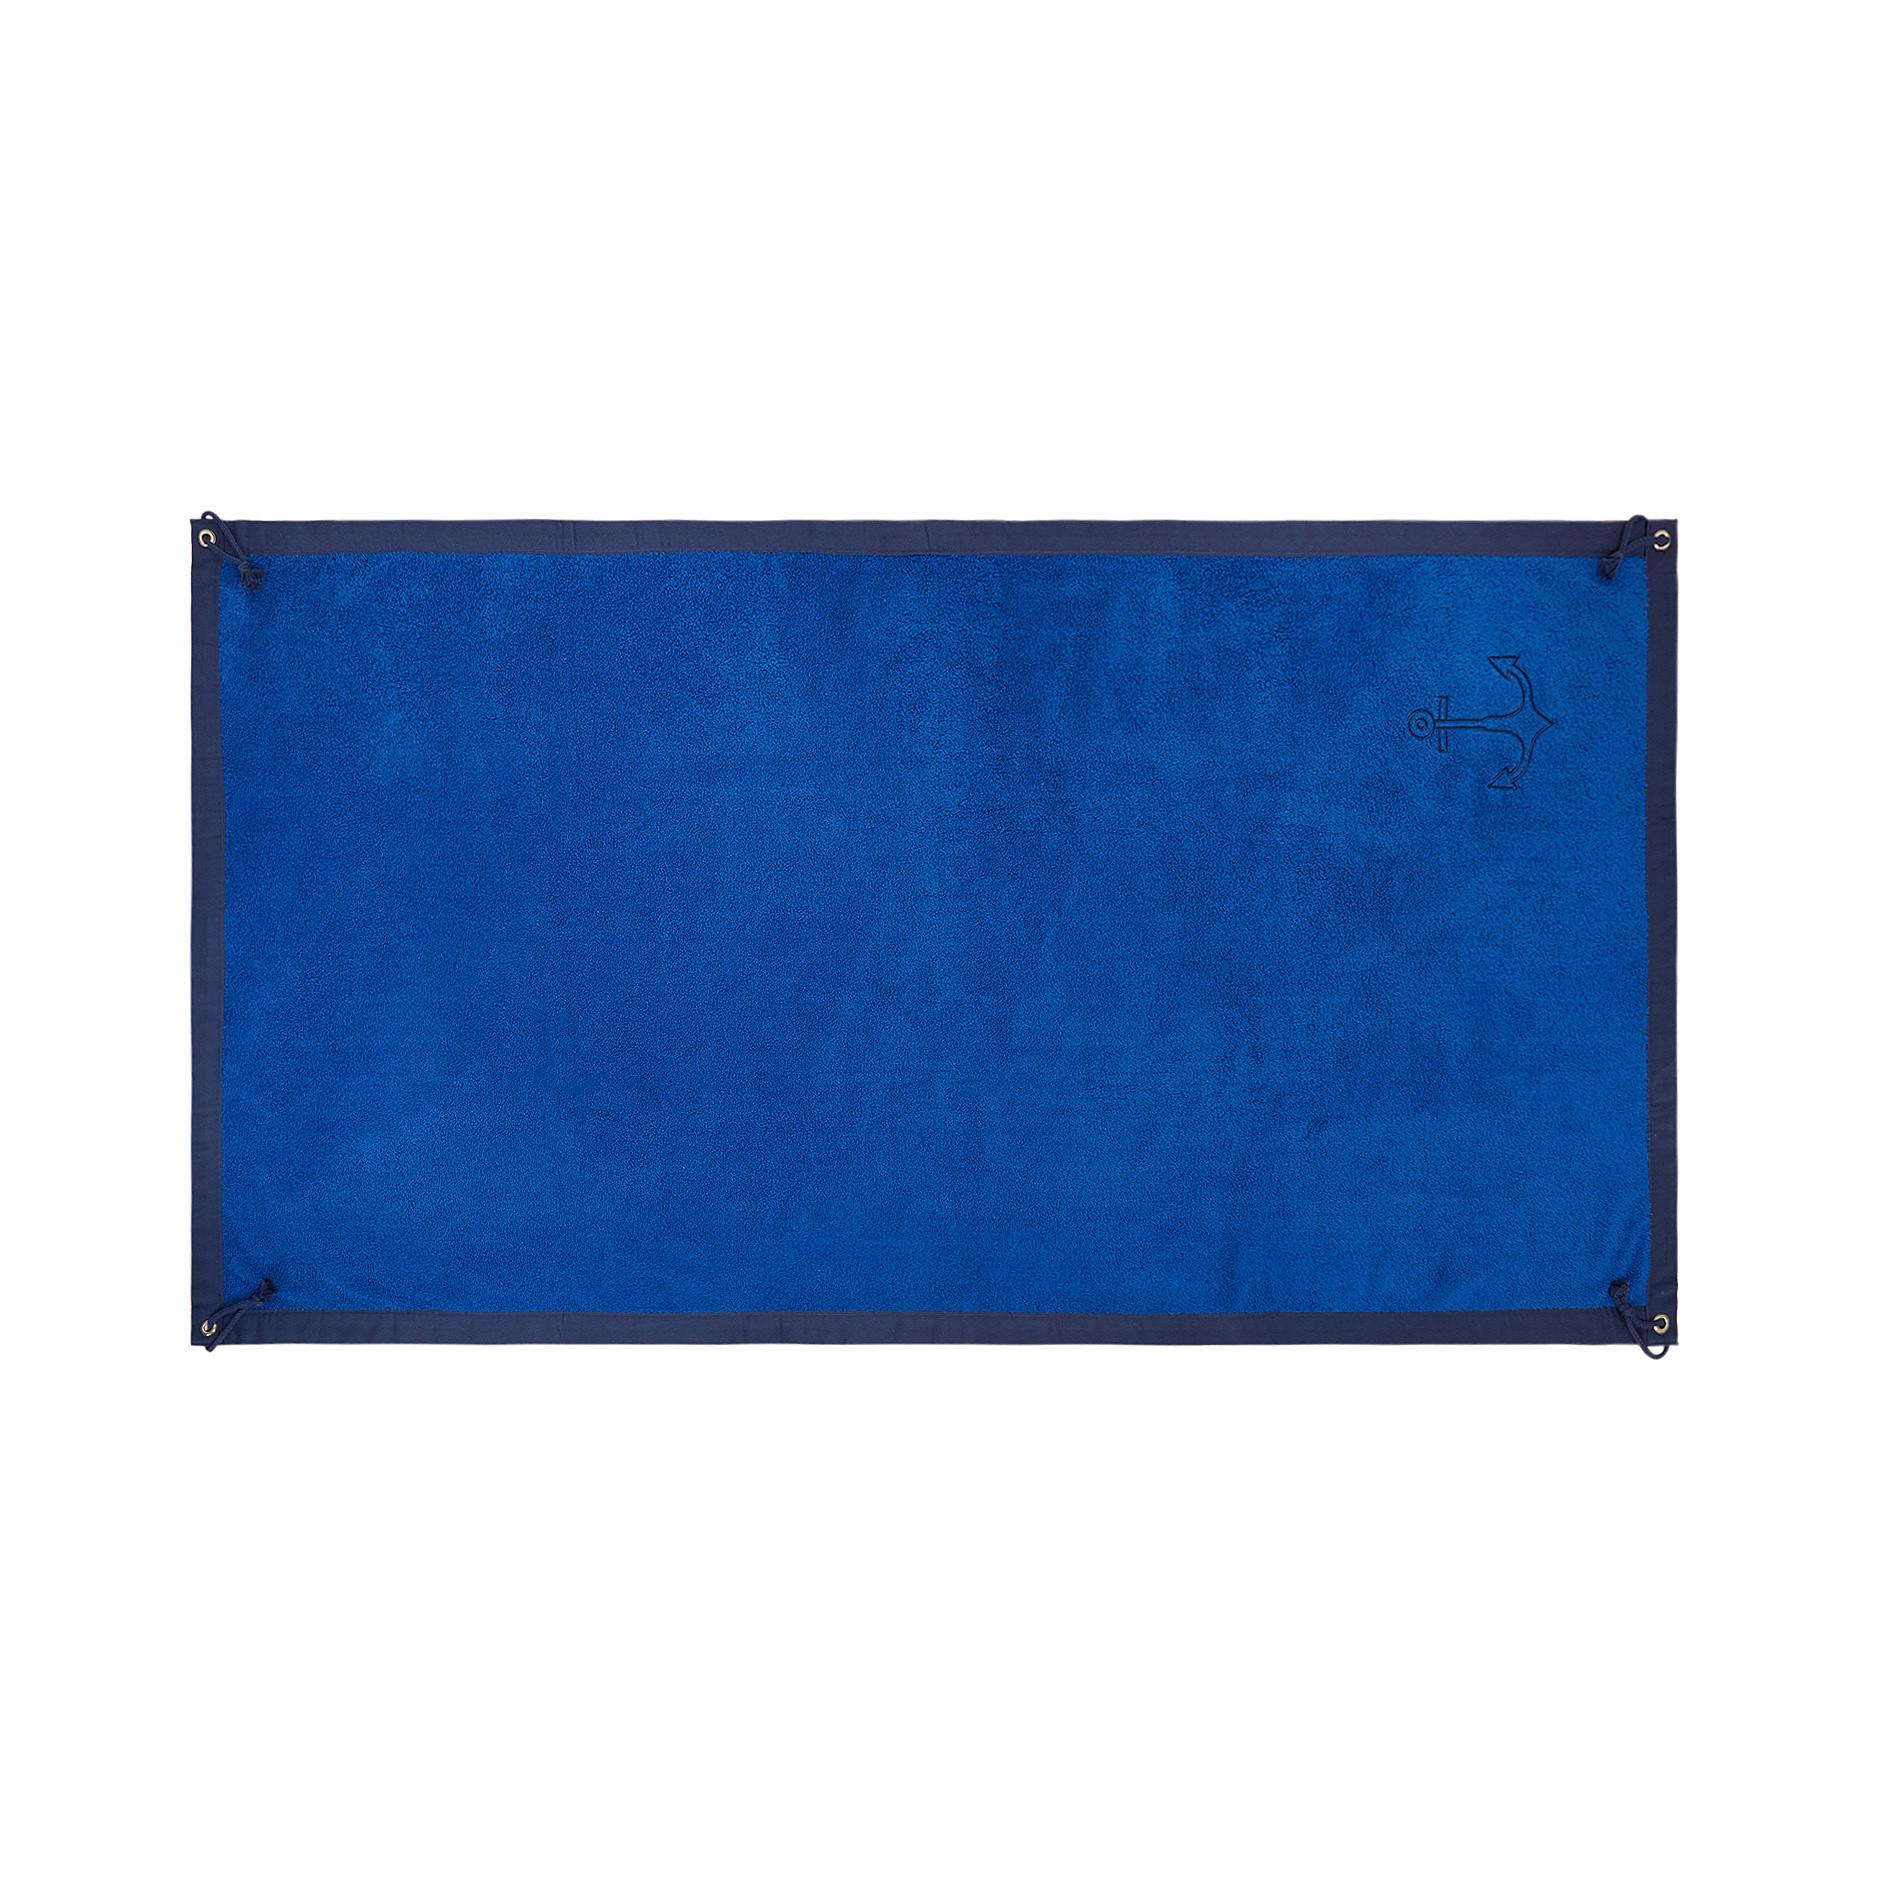 Telo mare spugna di cotone ricamo ancora, Azzurro scuro, large image number 0